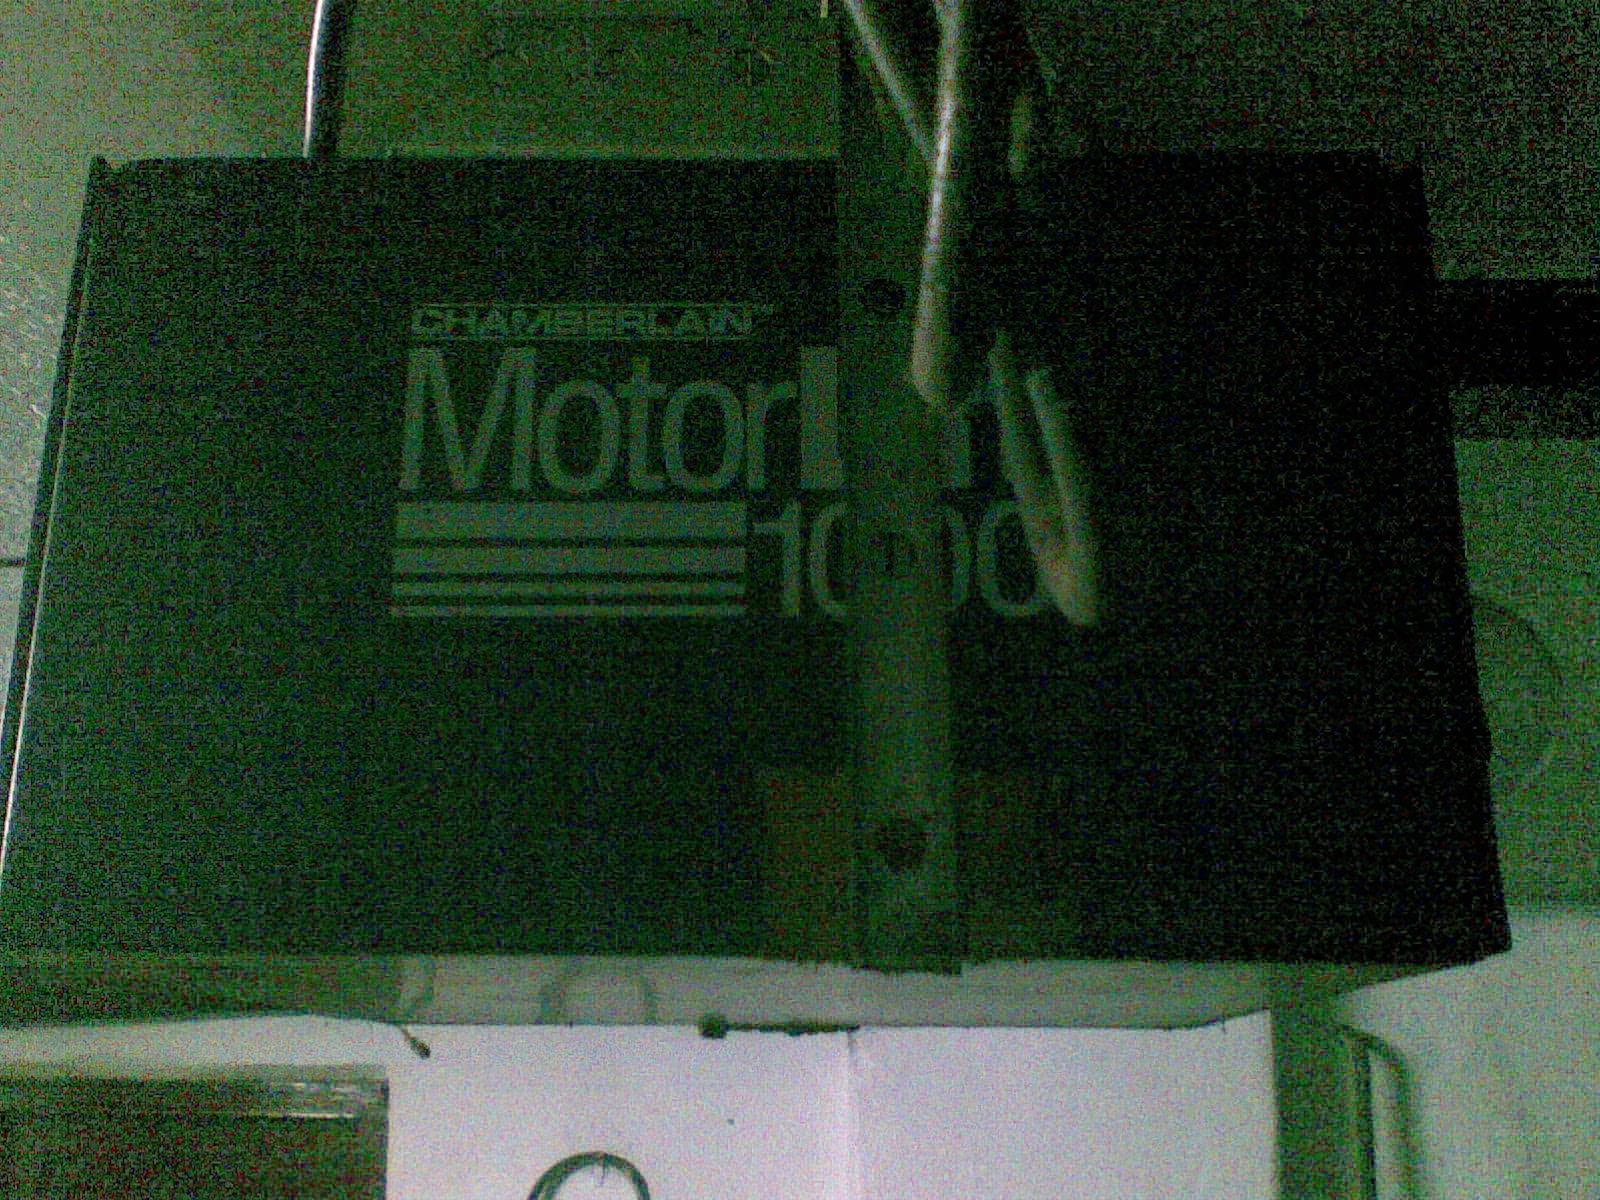 motor lift 1000 - zast�pczy pilot lub pod��czenie radiolini